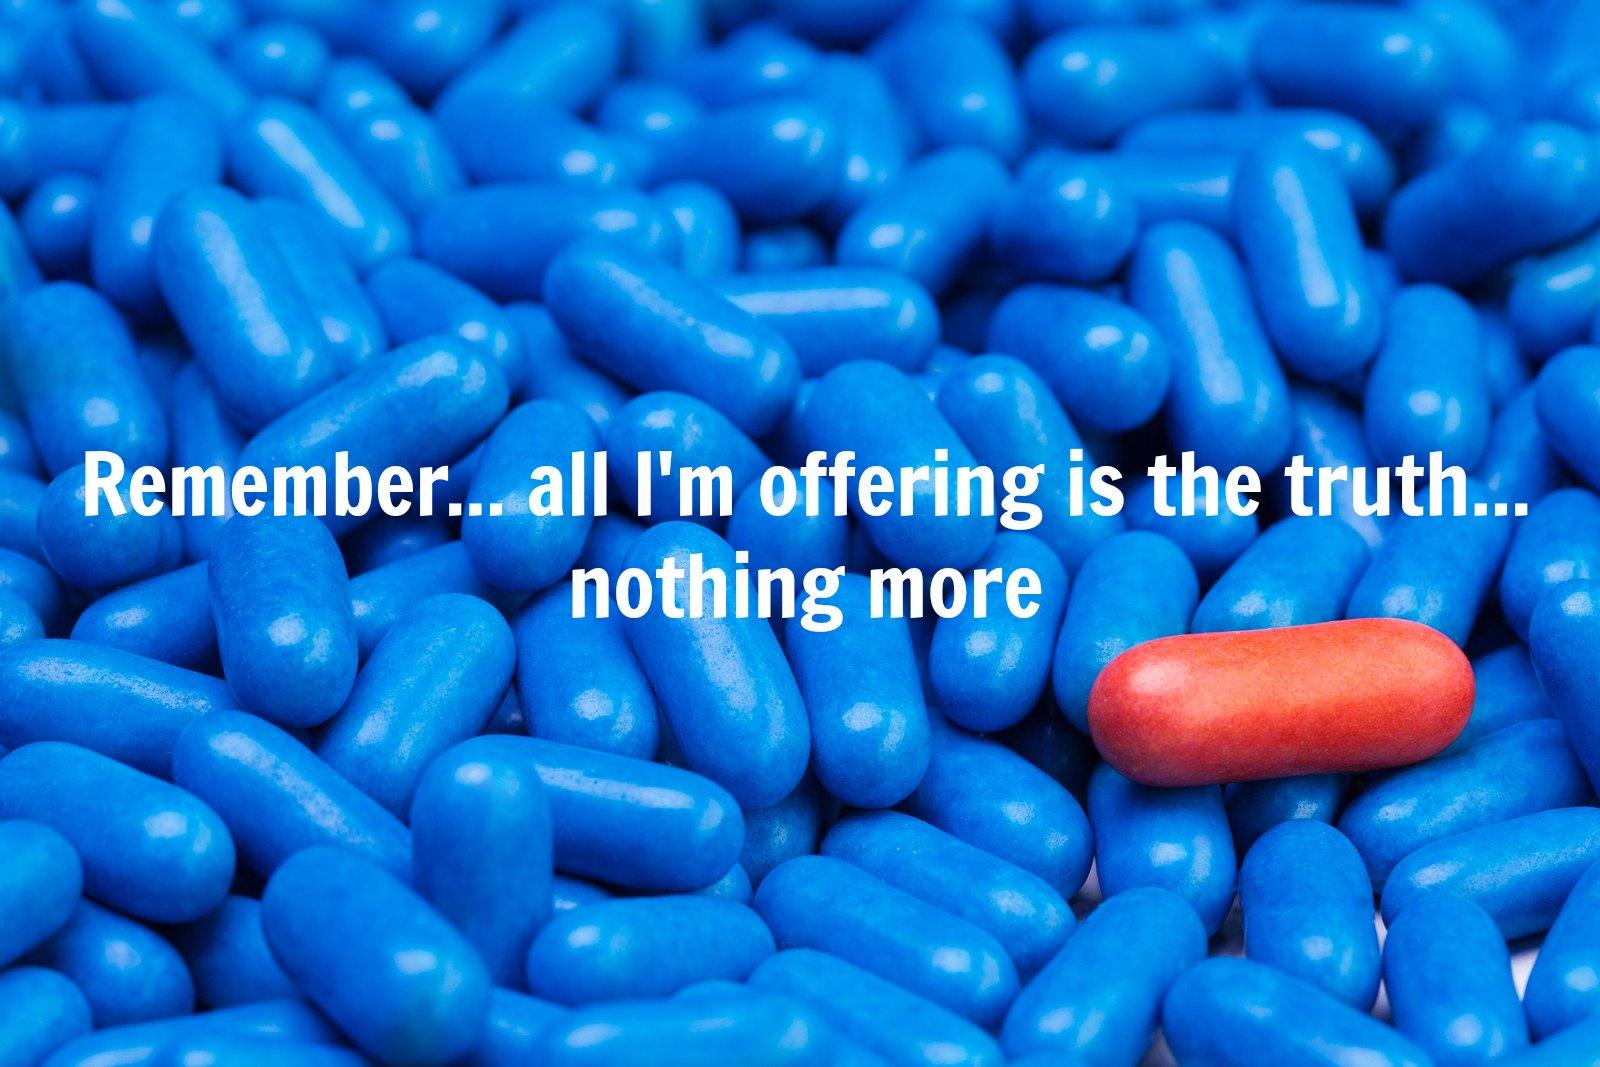 rött piller blå piller dating